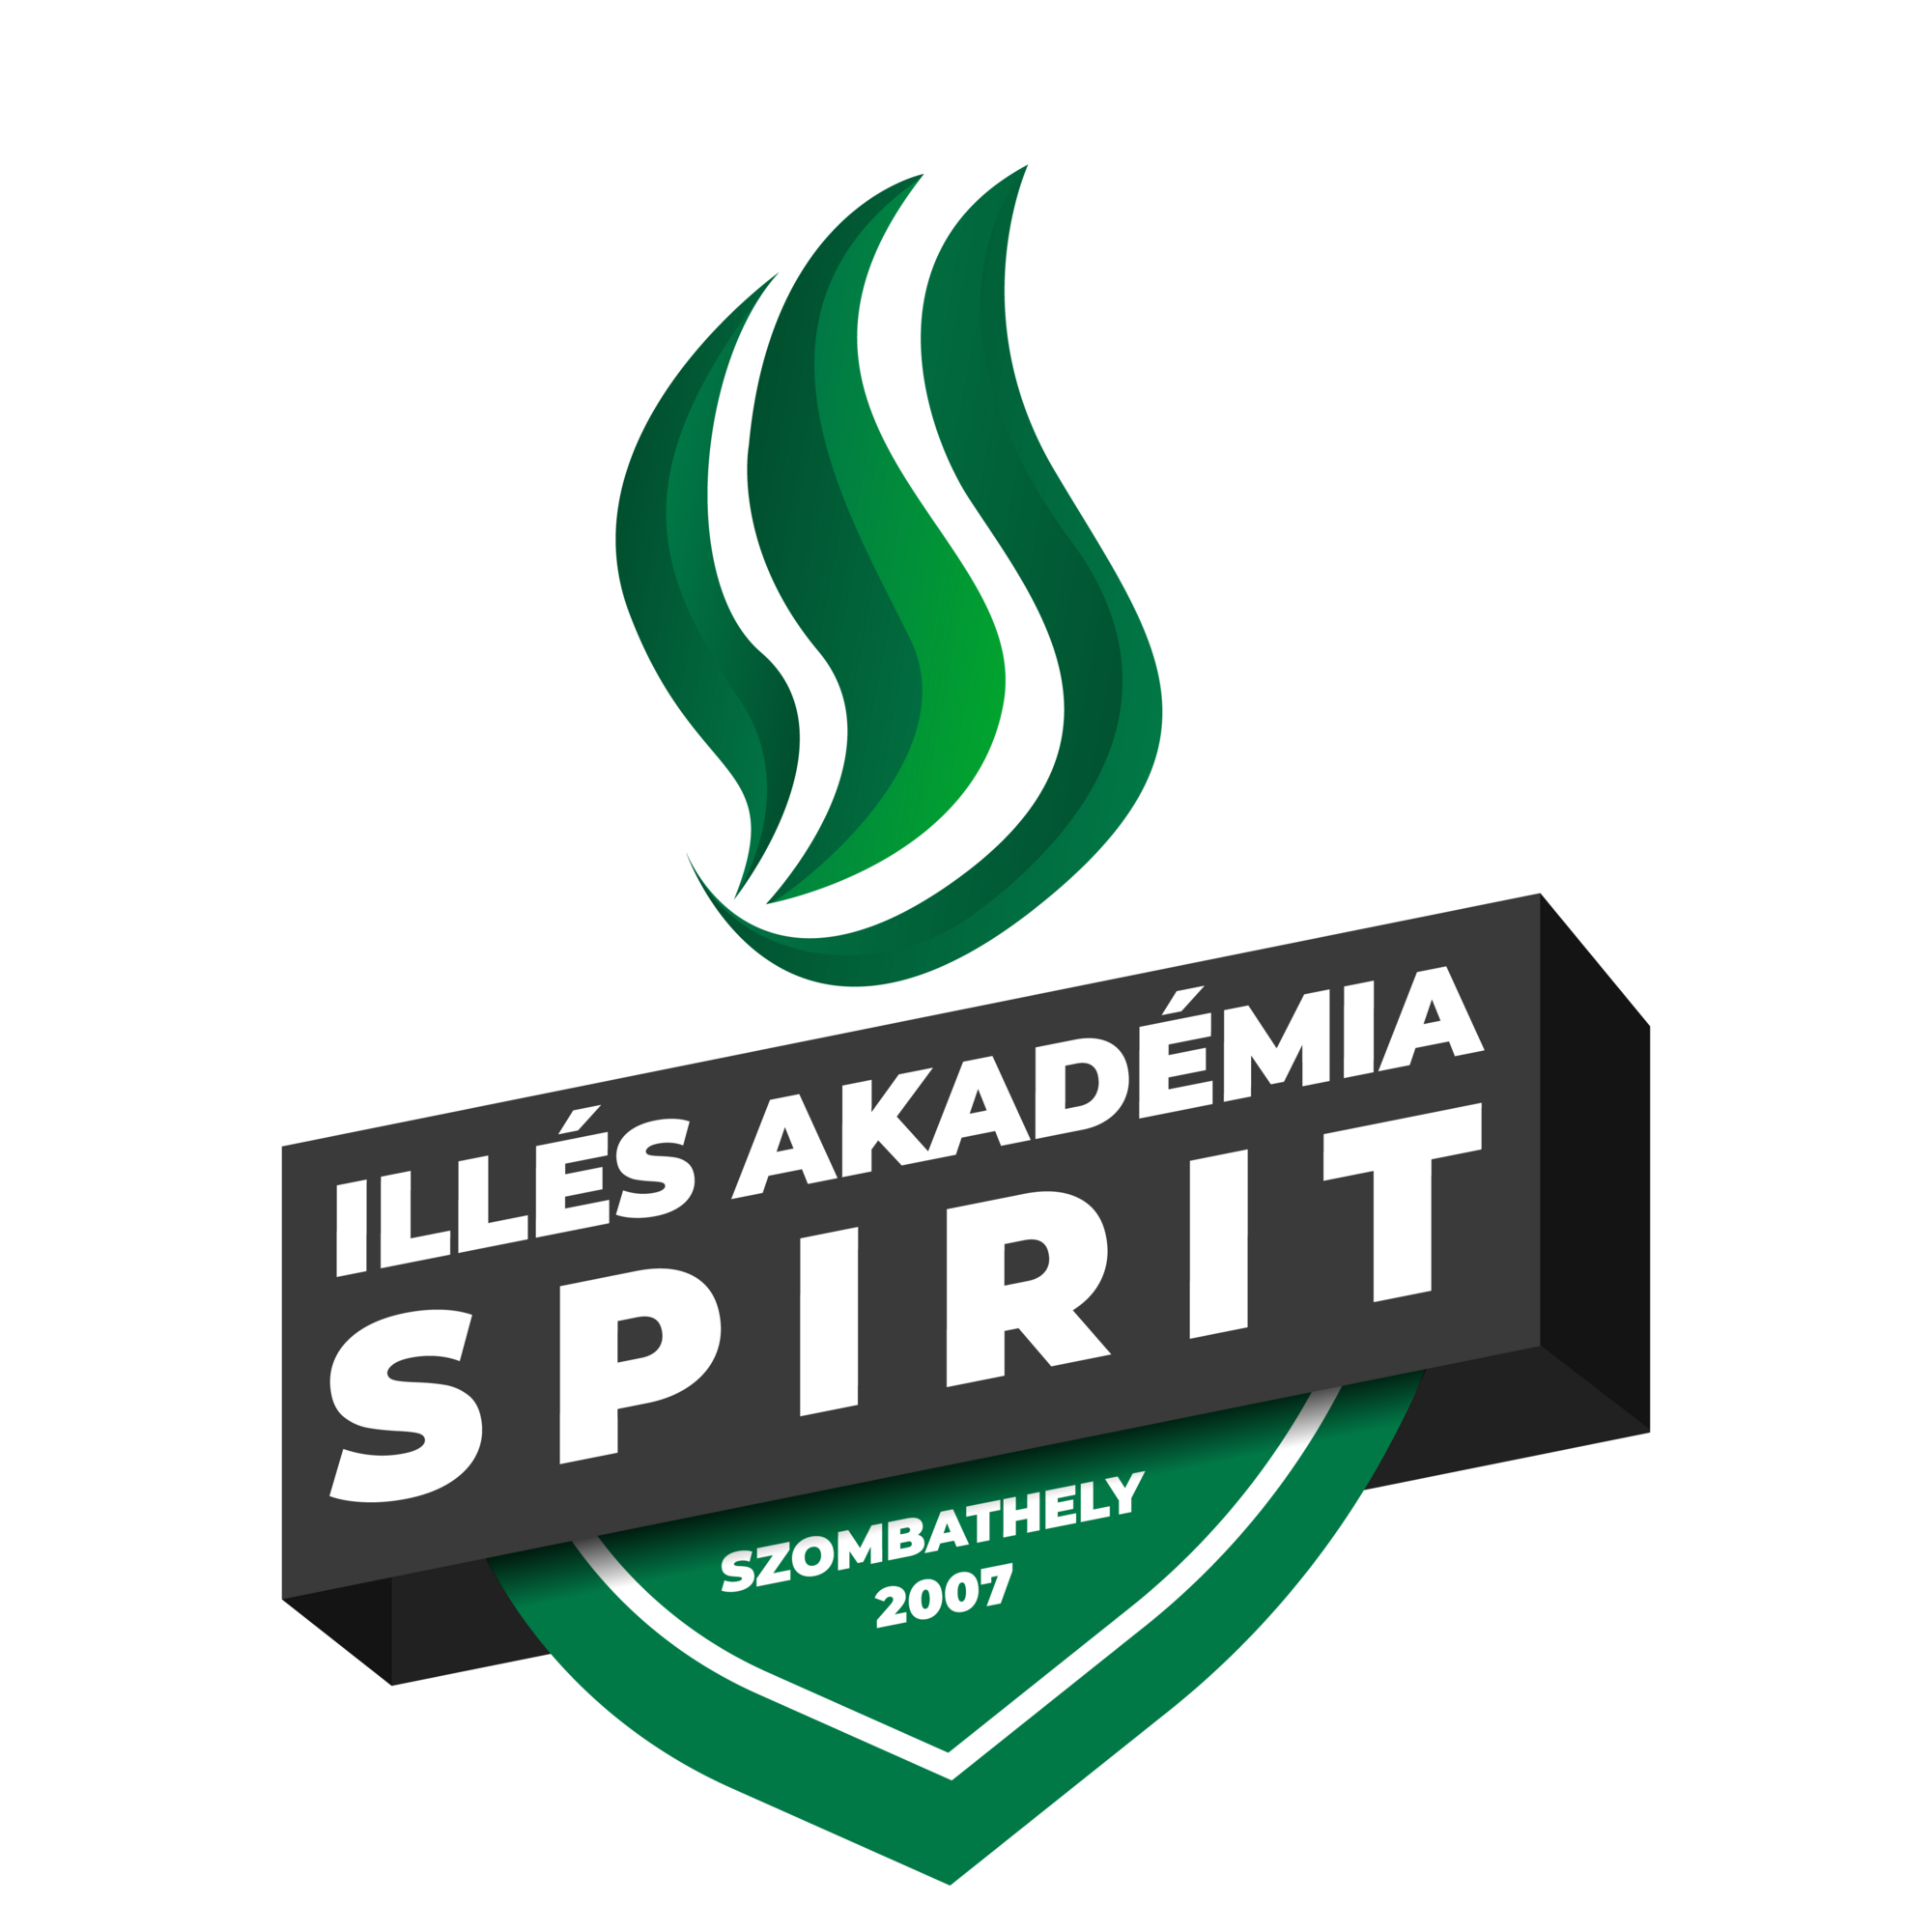 Illes Akademia Spirit